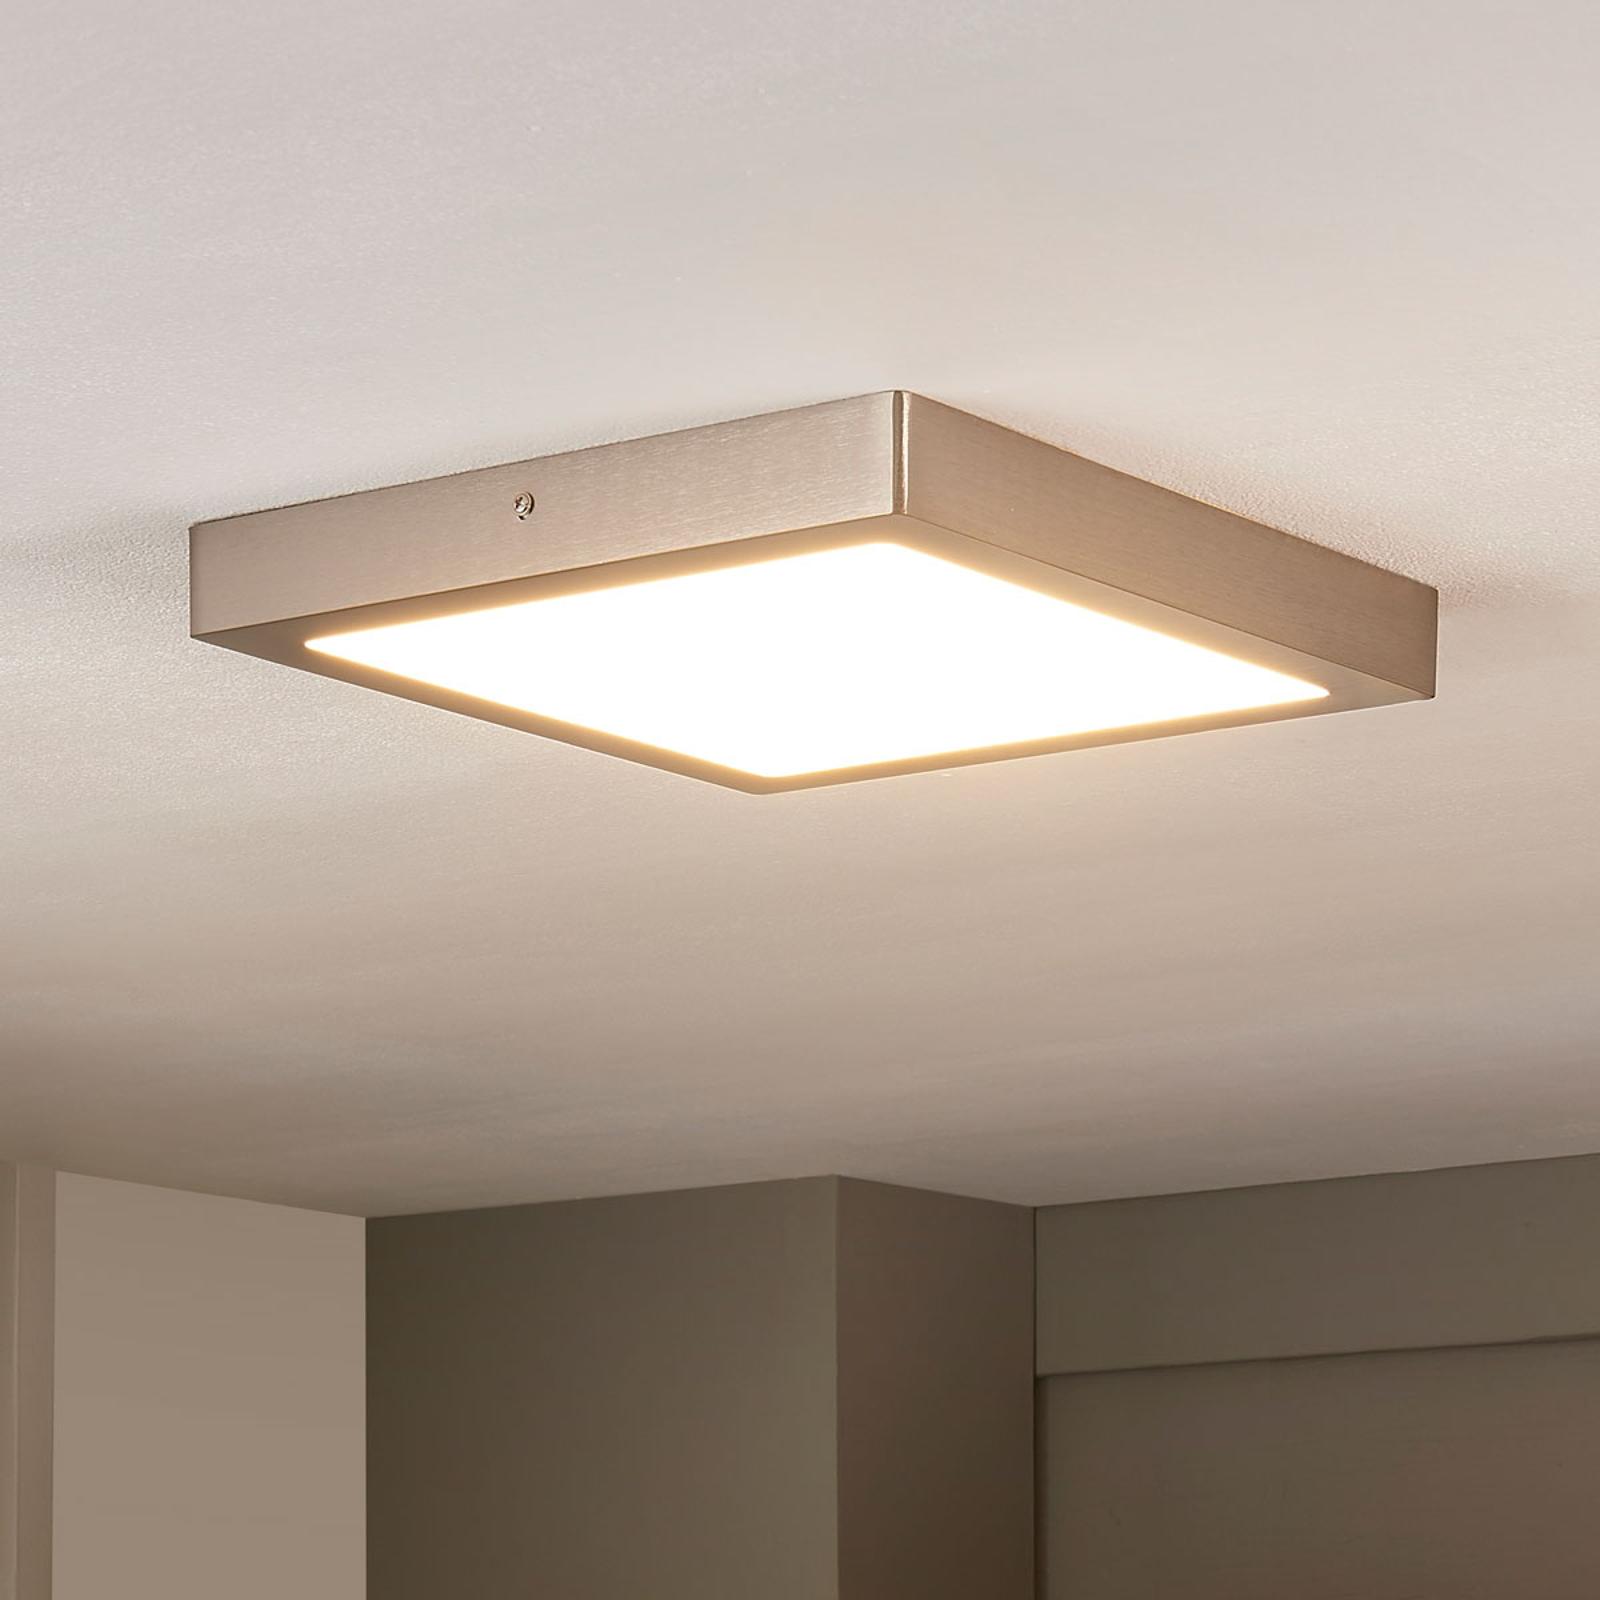 Elice - Deckenleuchte mit hellen LEDs